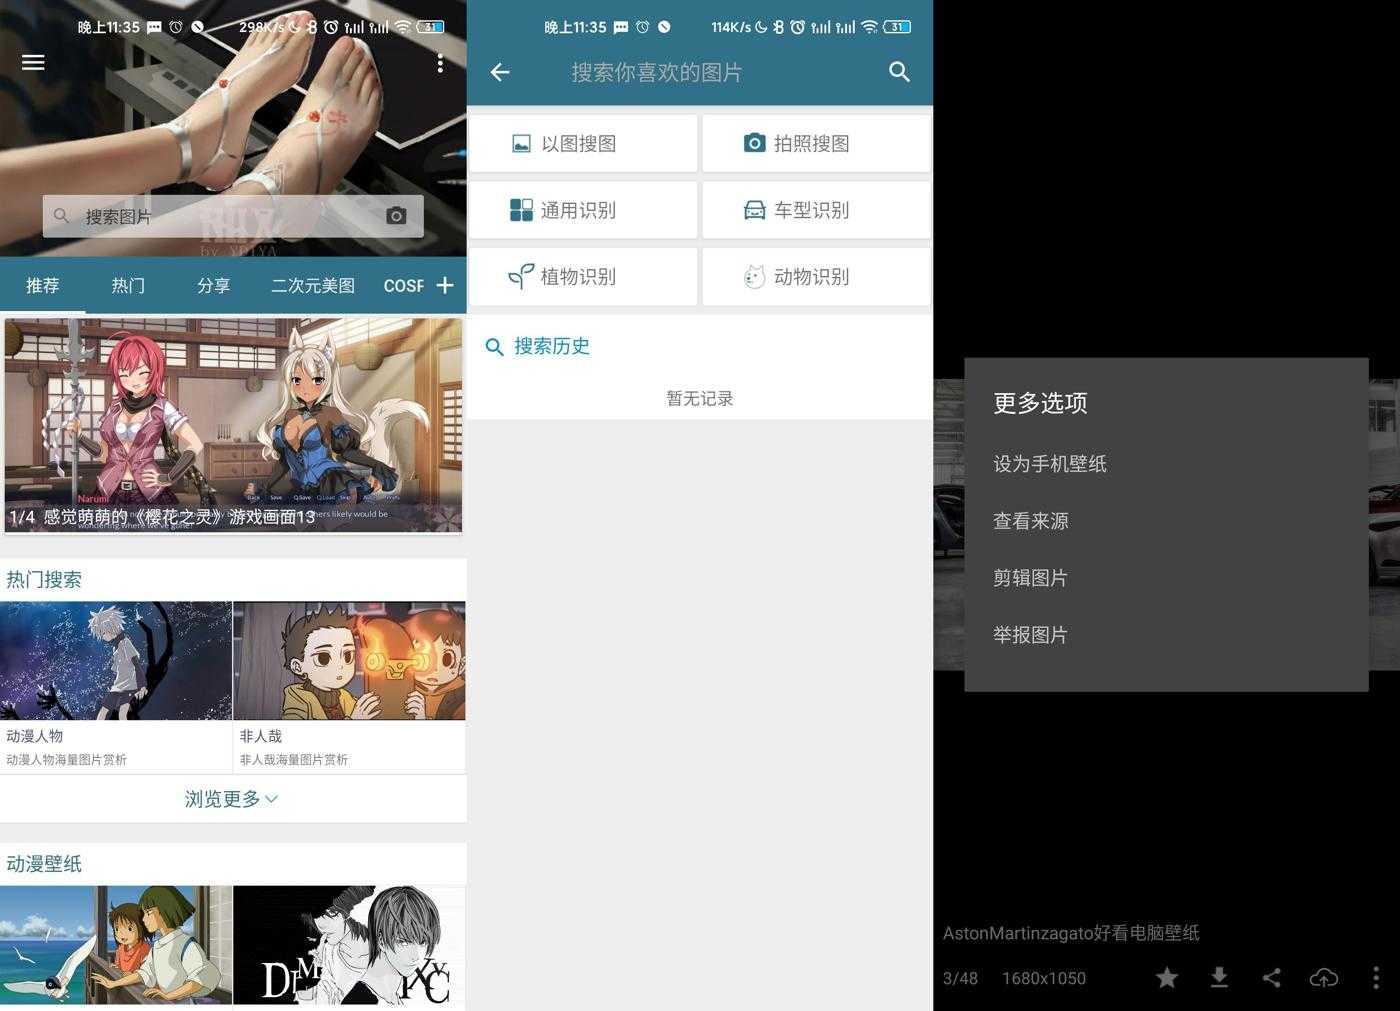 安卓爱搜图v20.04.13会员版